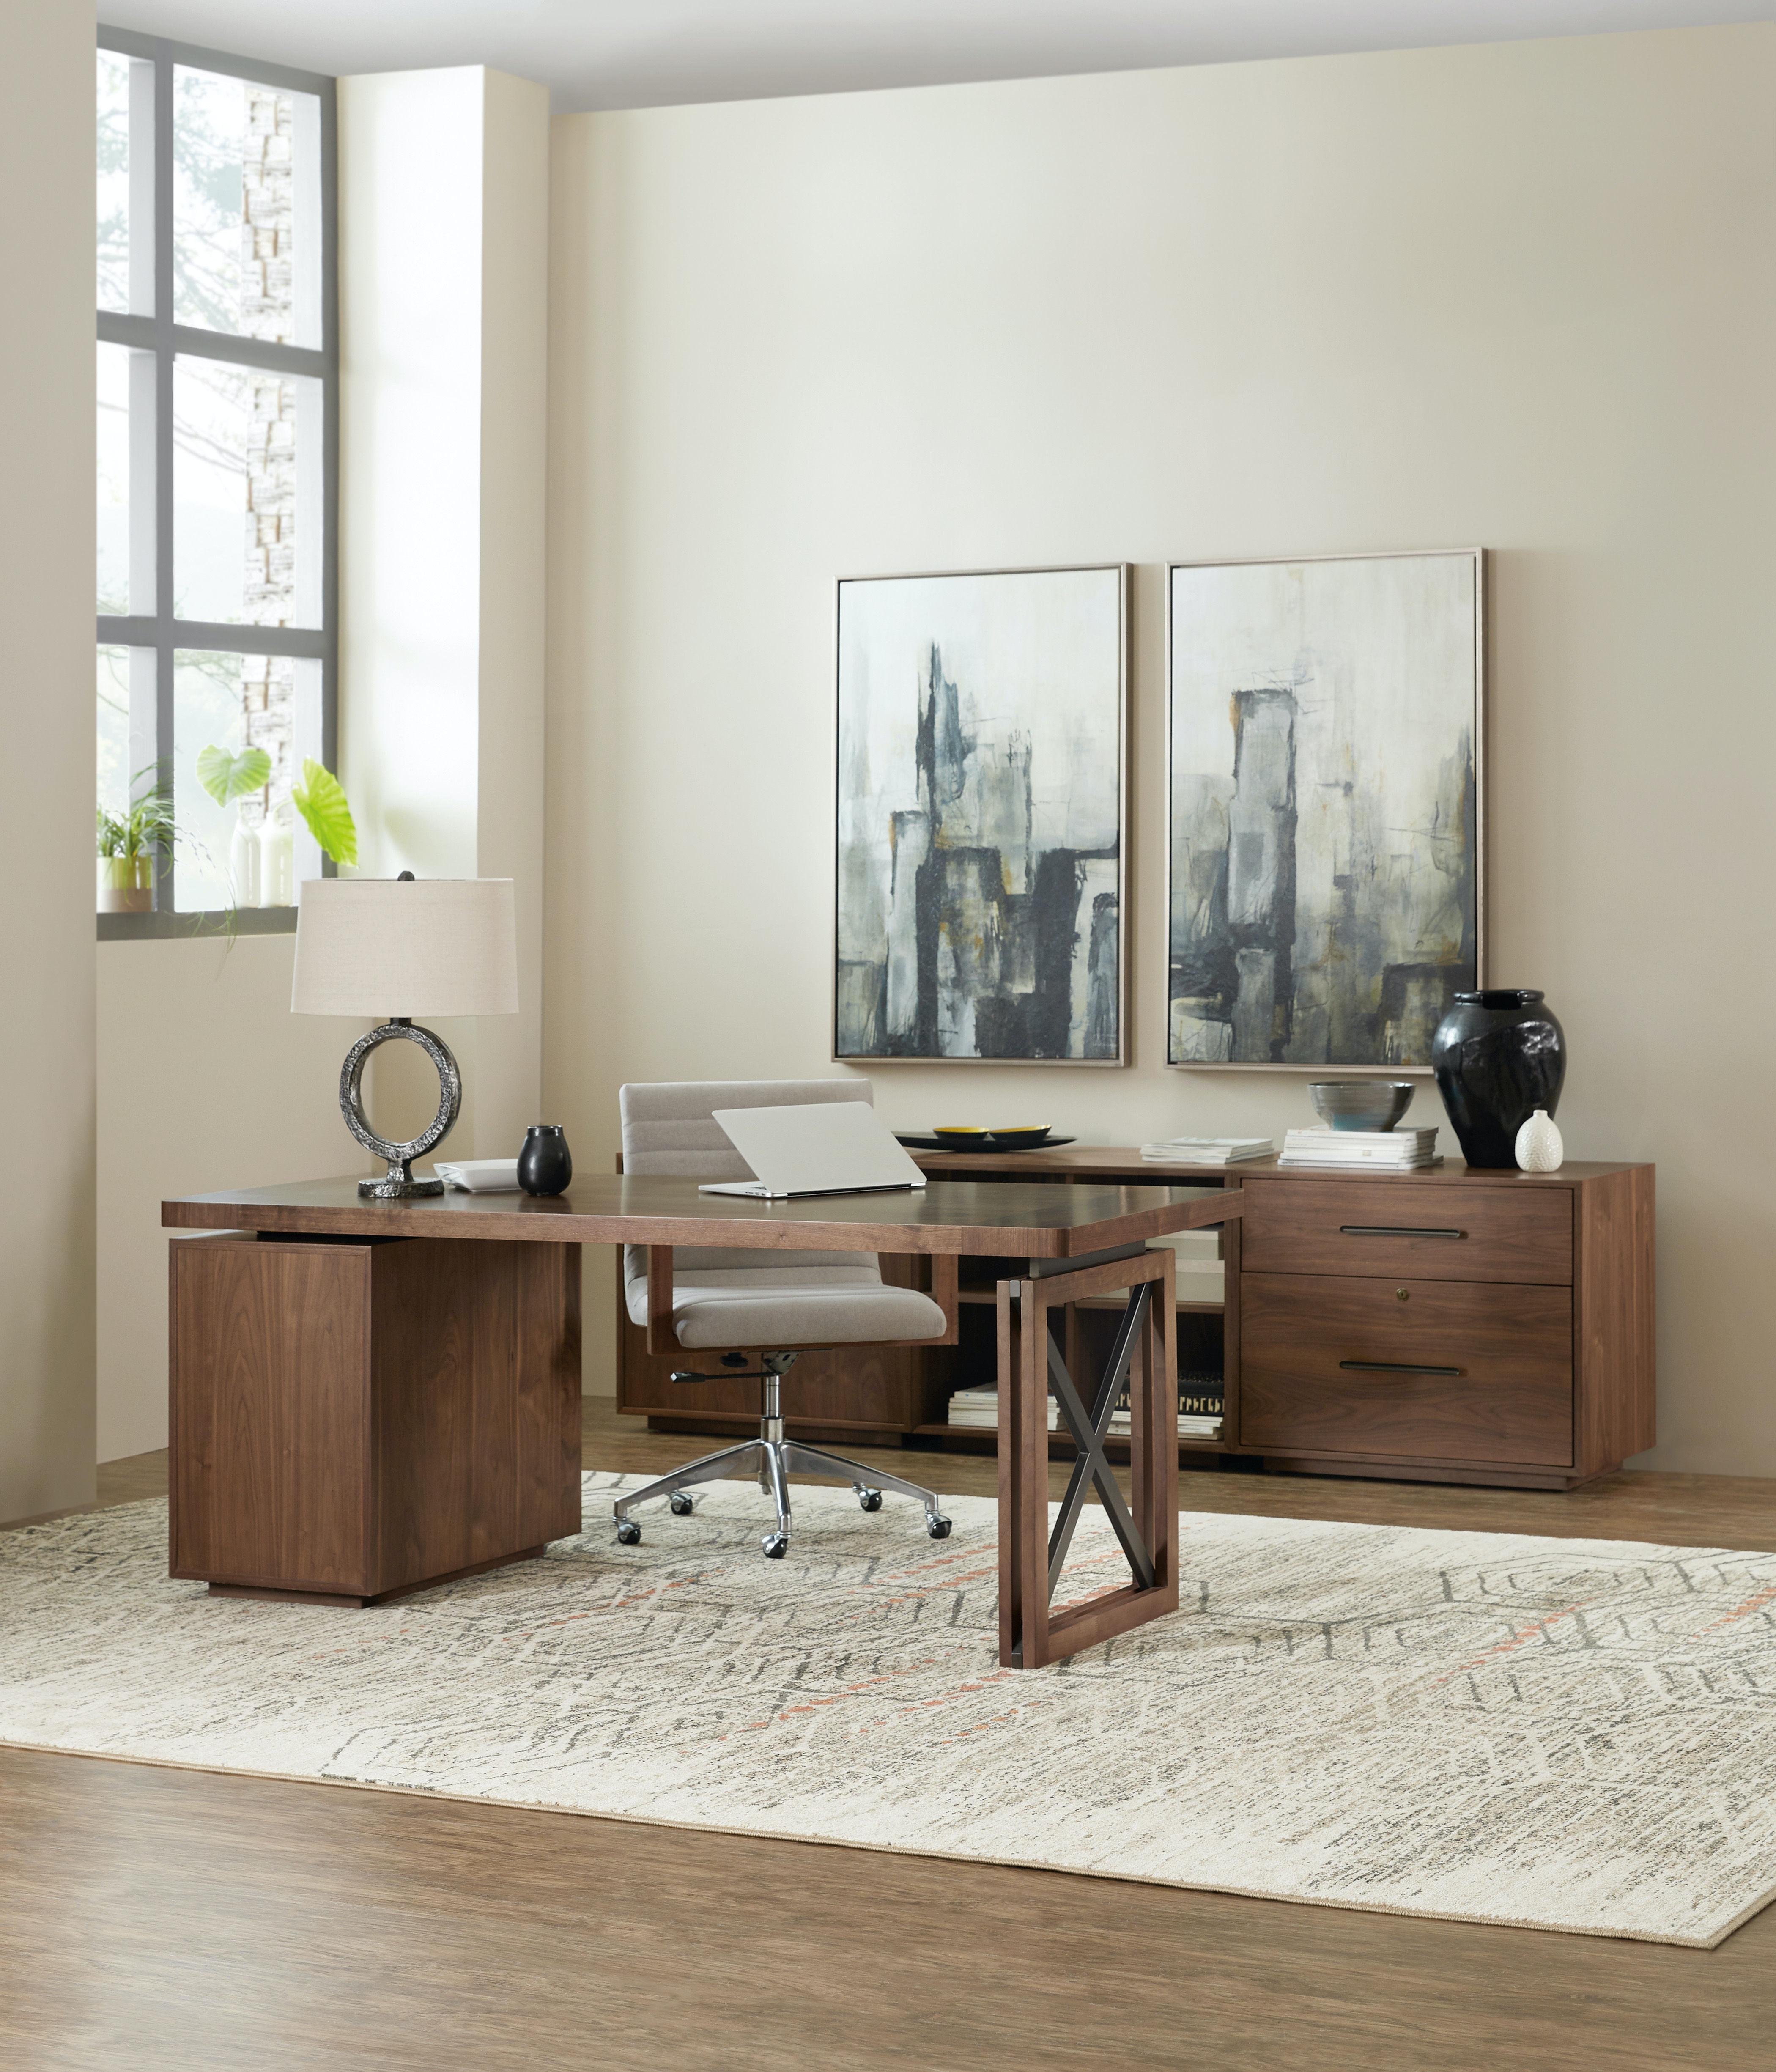 Hooker Furniture Elon Modular Home Office